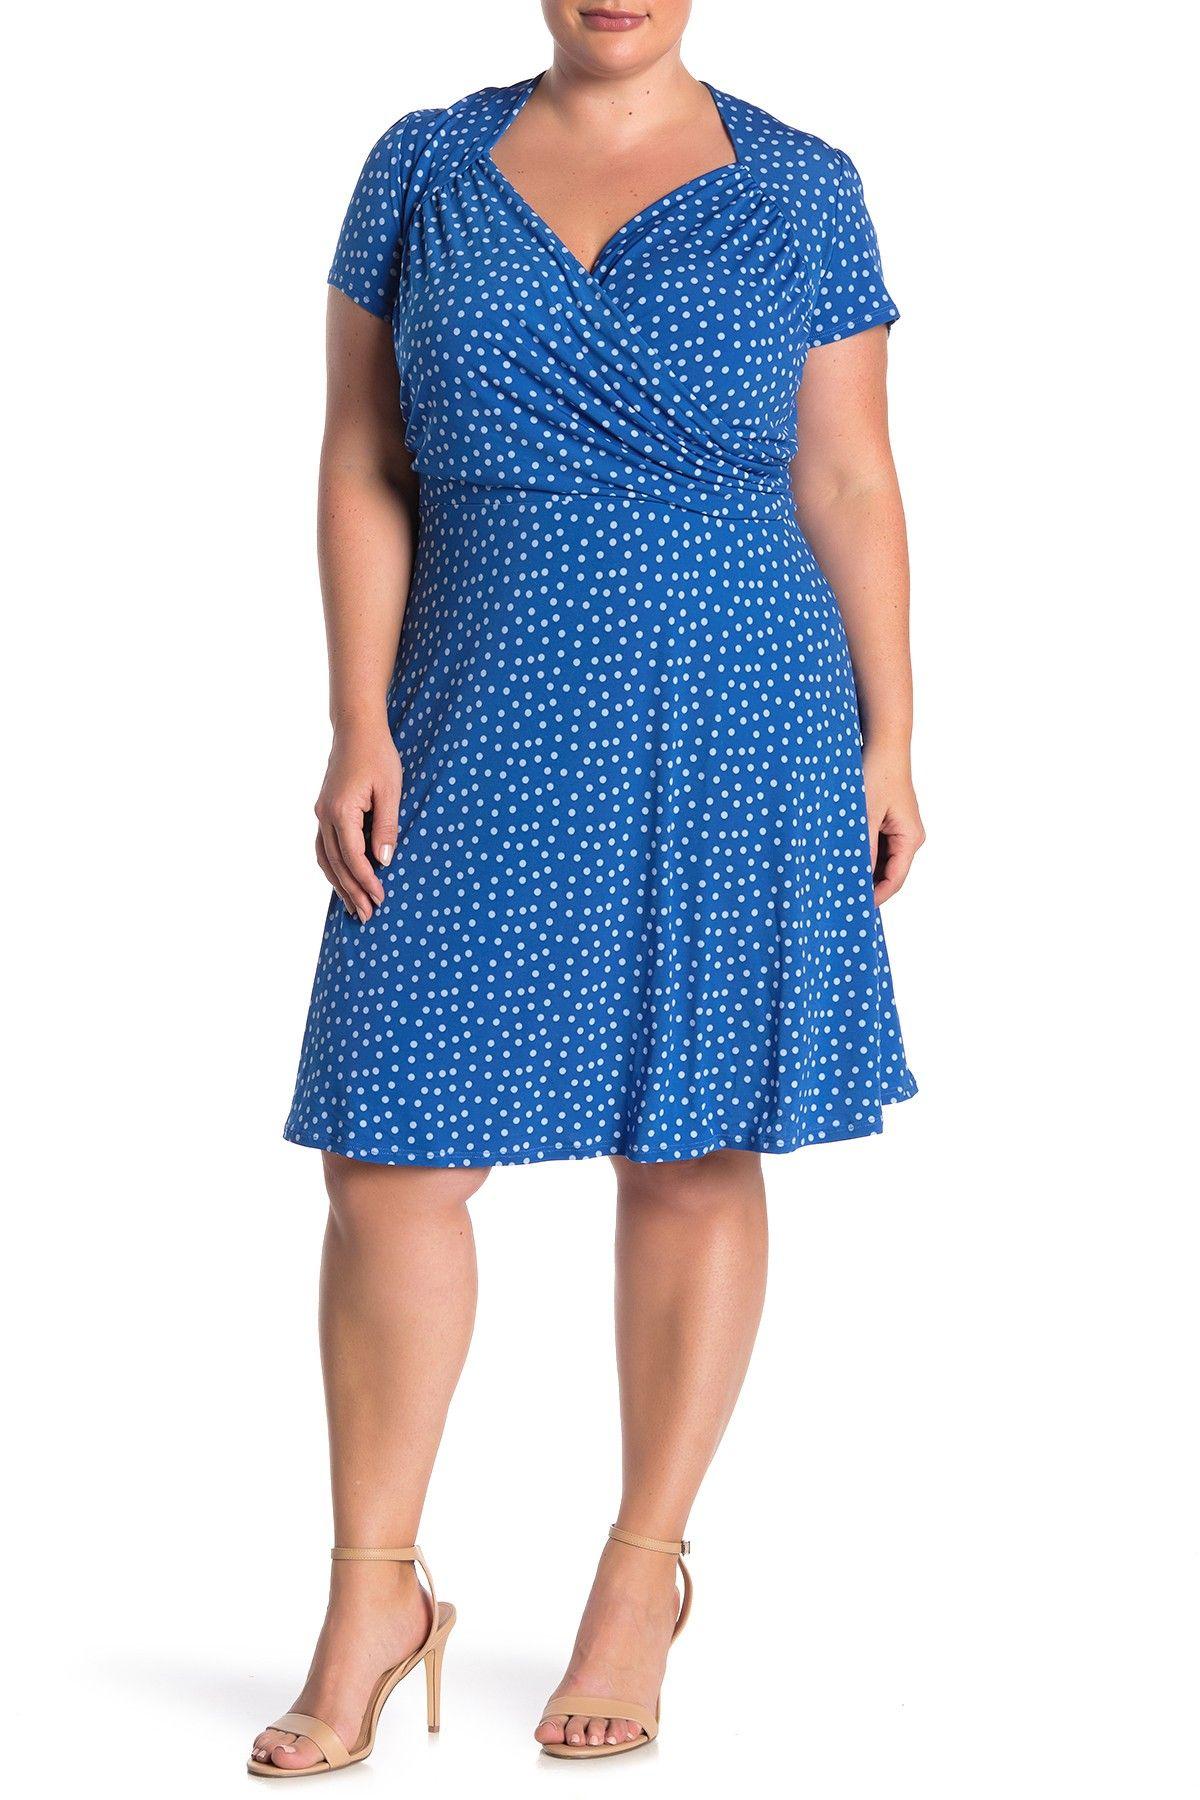 Leota Sweetheart Faux Wrap Dress Nordstrom Rack Wrap Dress Faux Wrap Dress Plus Size Summer Dresses [ 1800 x 1200 Pixel ]